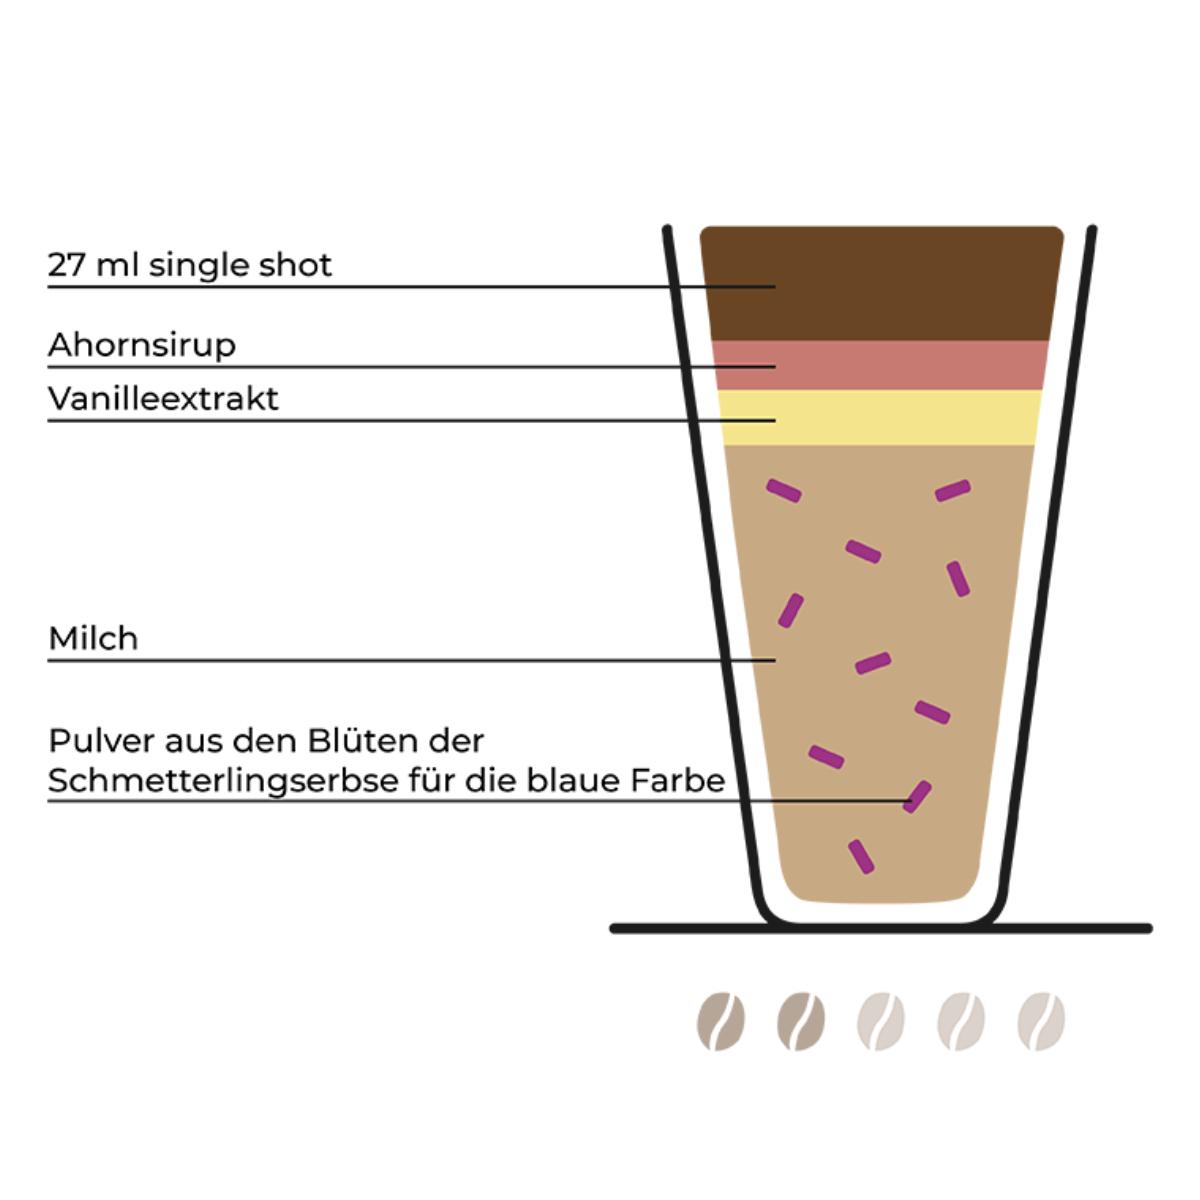 Kaffeetrends (8)